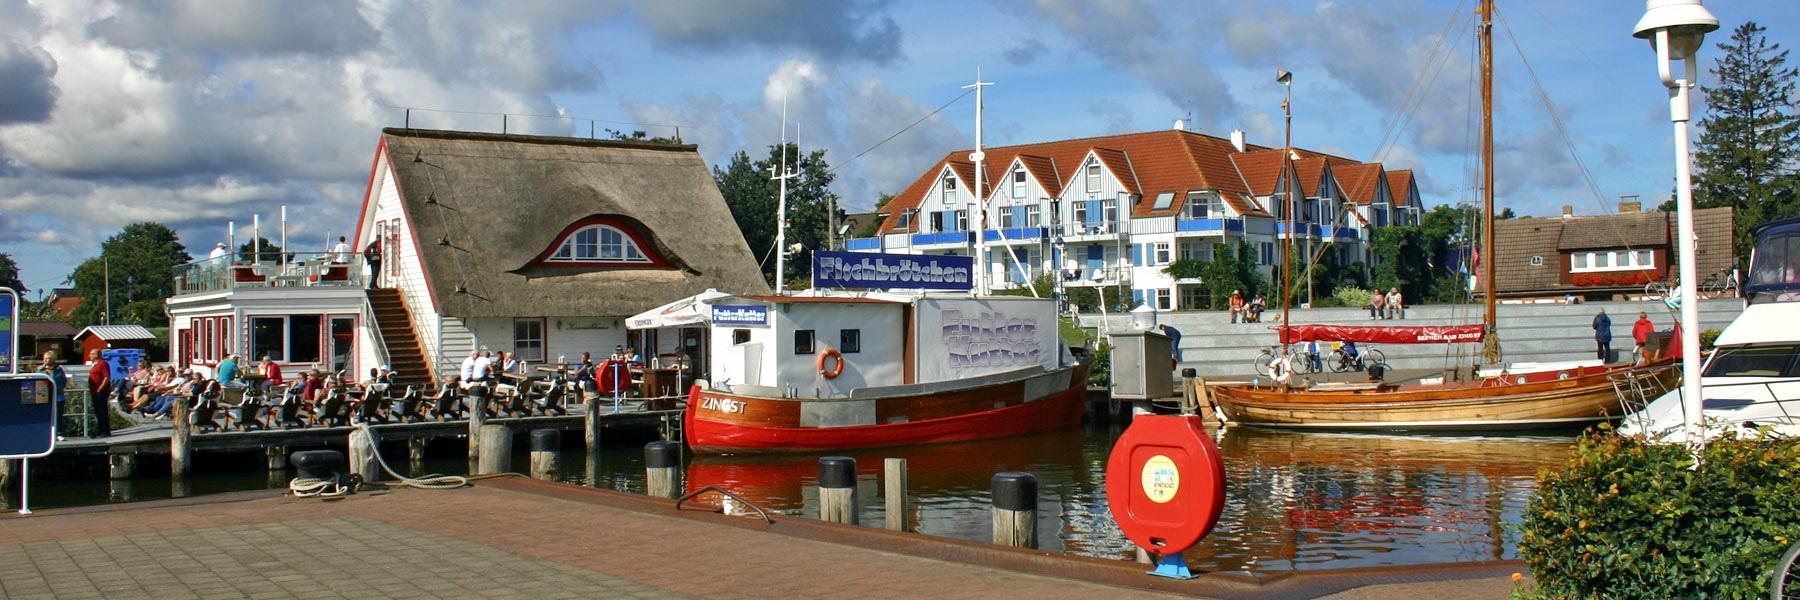 Hafen - Ostseeheilbad Zingst